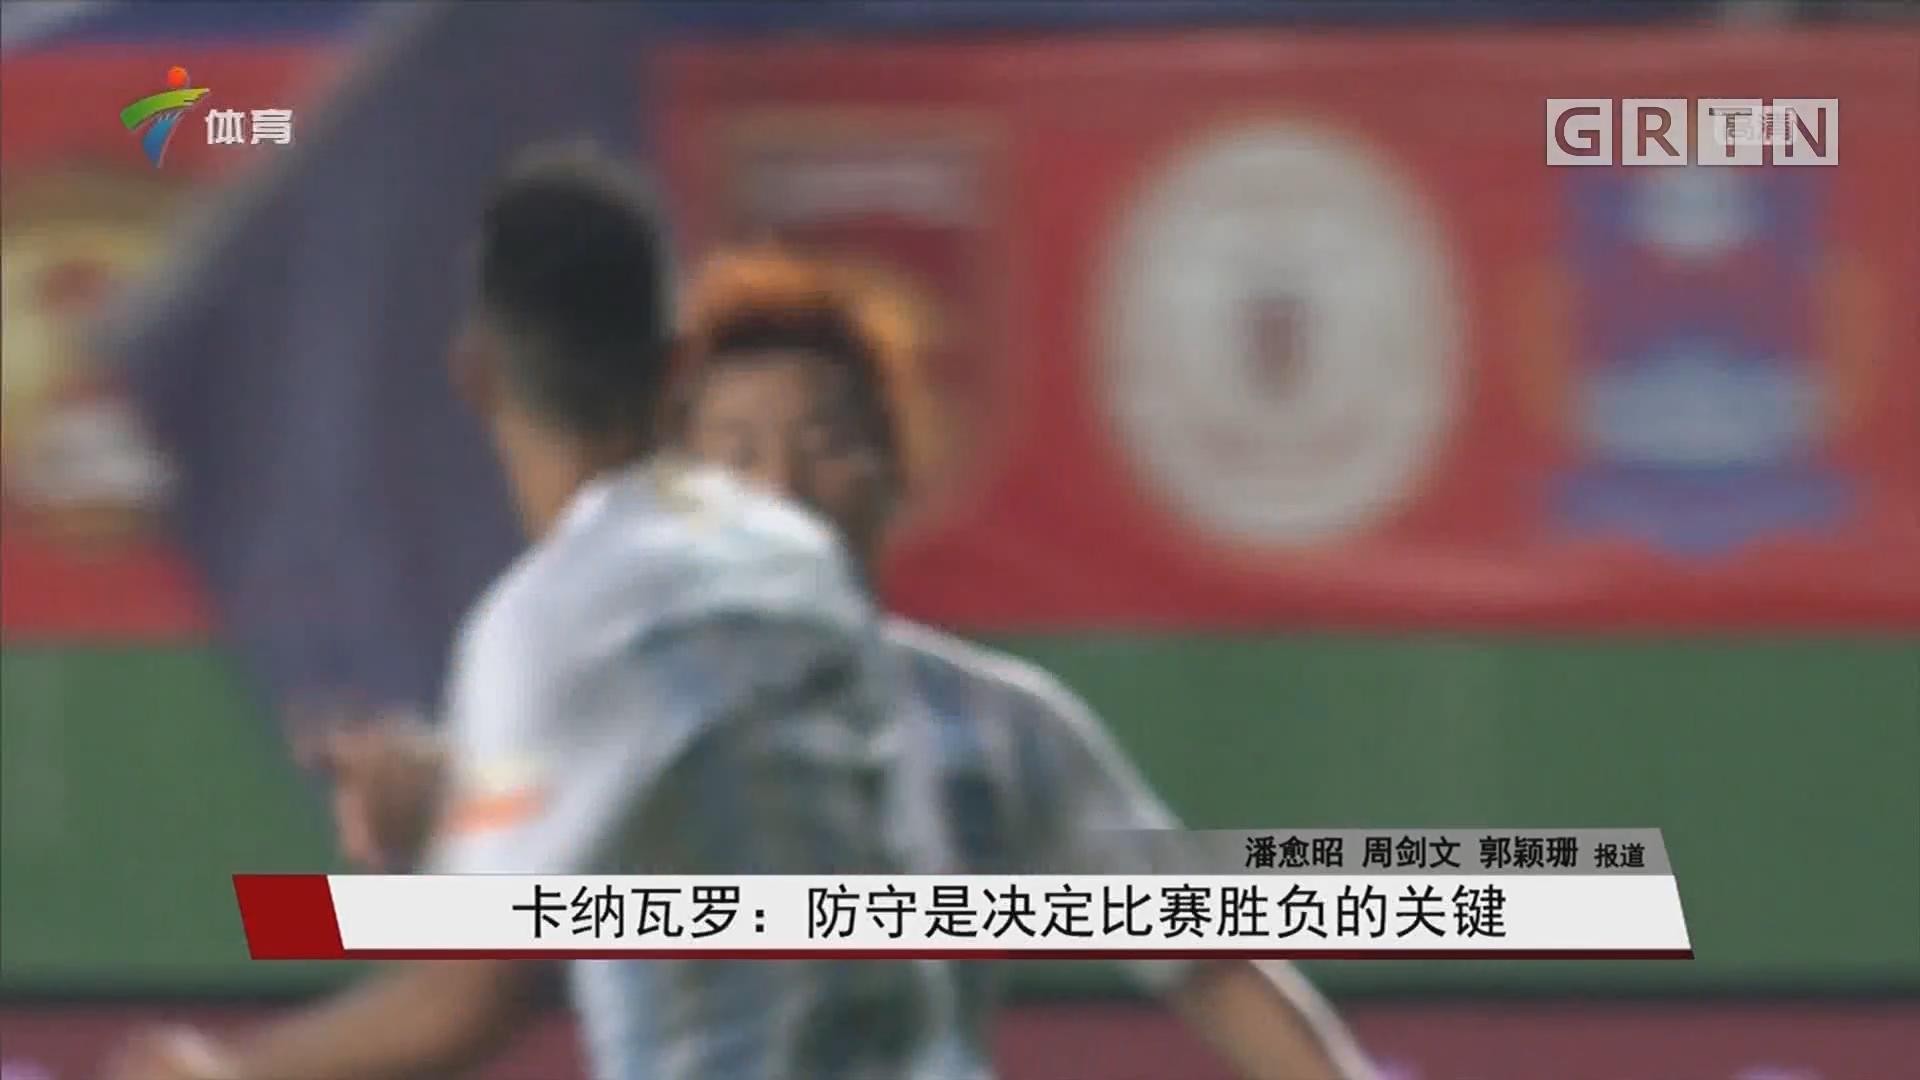 卡纳瓦罗:防守是决定比赛胜负的关键